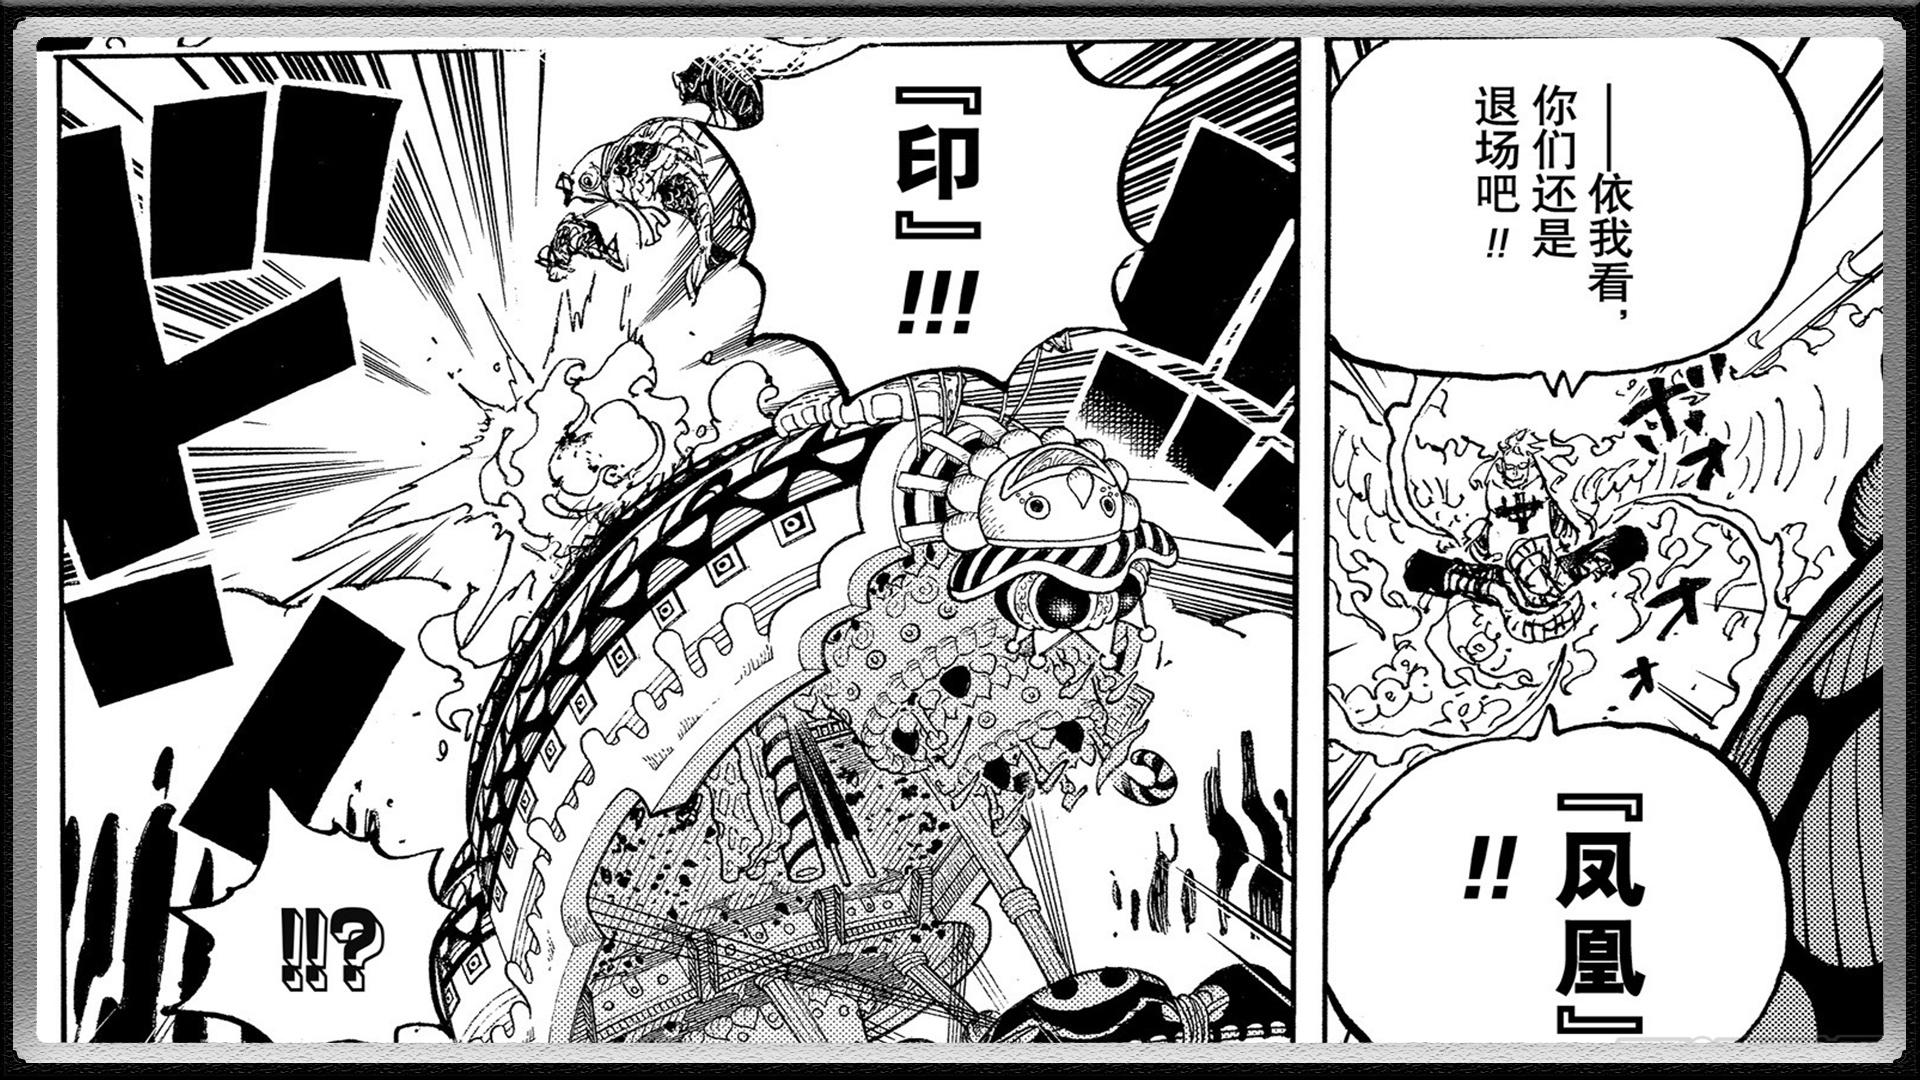 海贼王983话鼠绘汉化免费在线看:凯多的儿子攻击乌尔缇